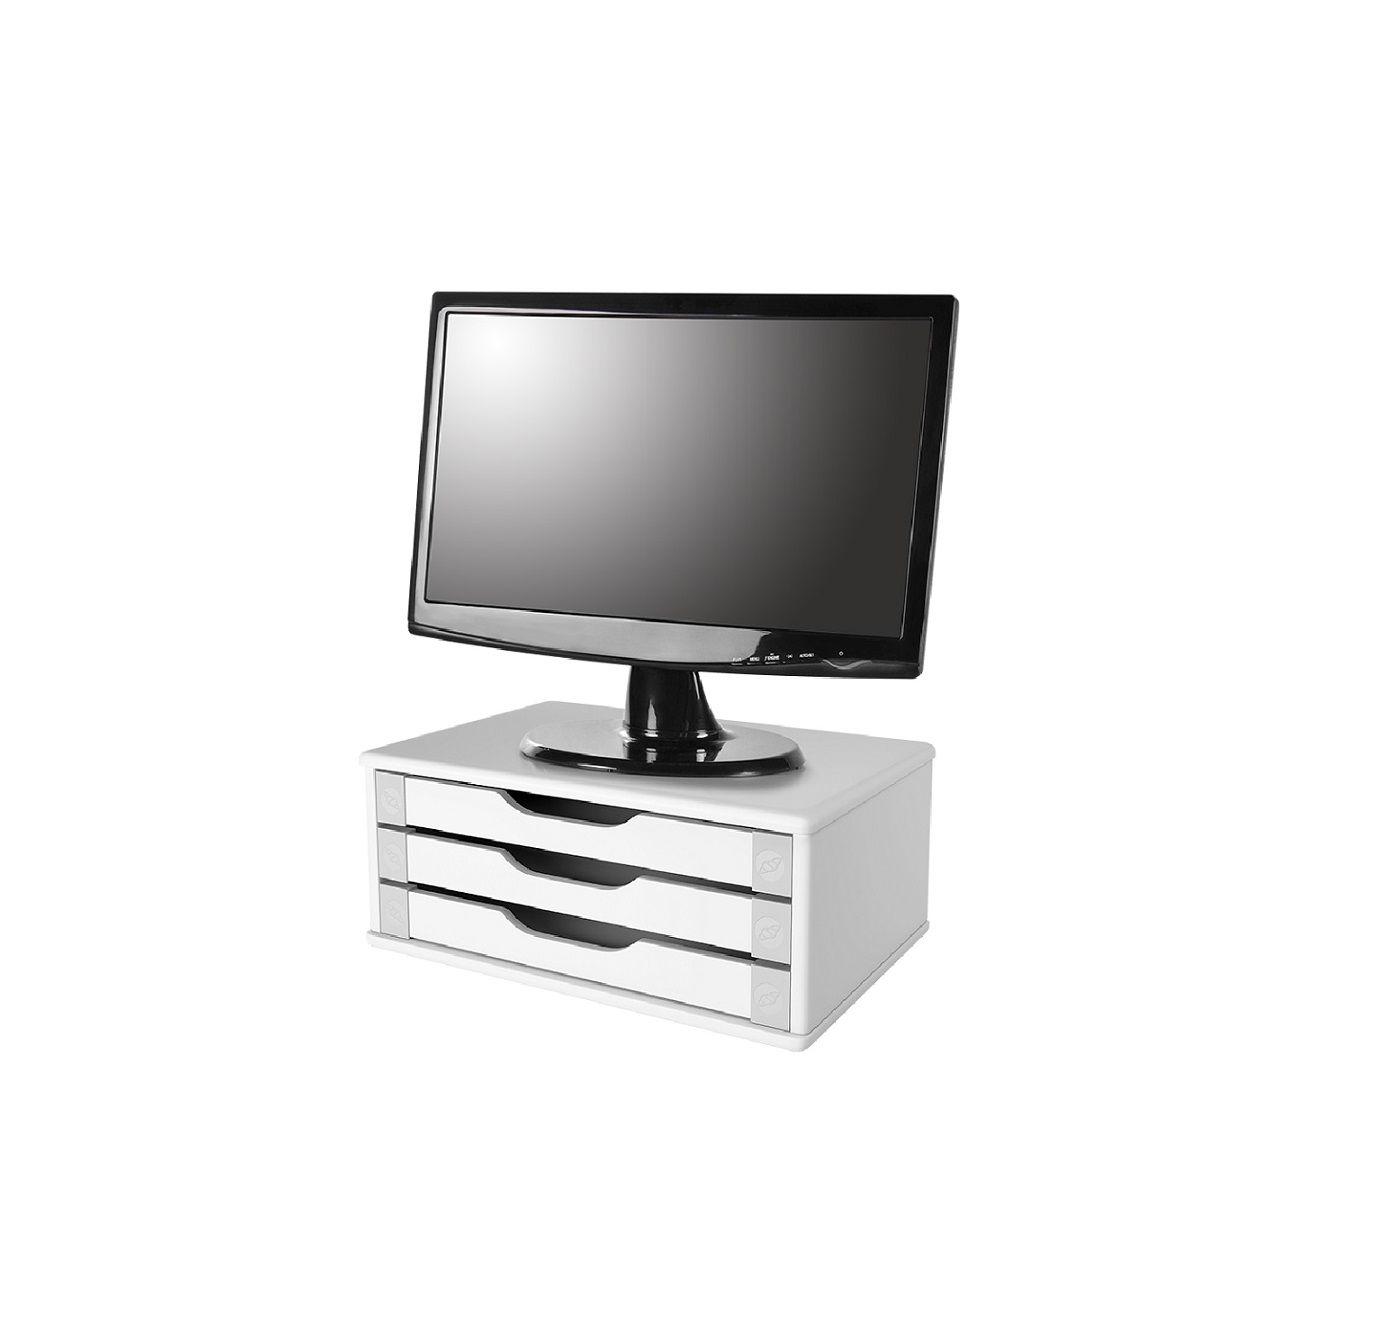 Conj Com 2 Suportes Para Monitor de Mesa Em MDF Branco Com 3 Gavetas Brancas Souza Referência 3343